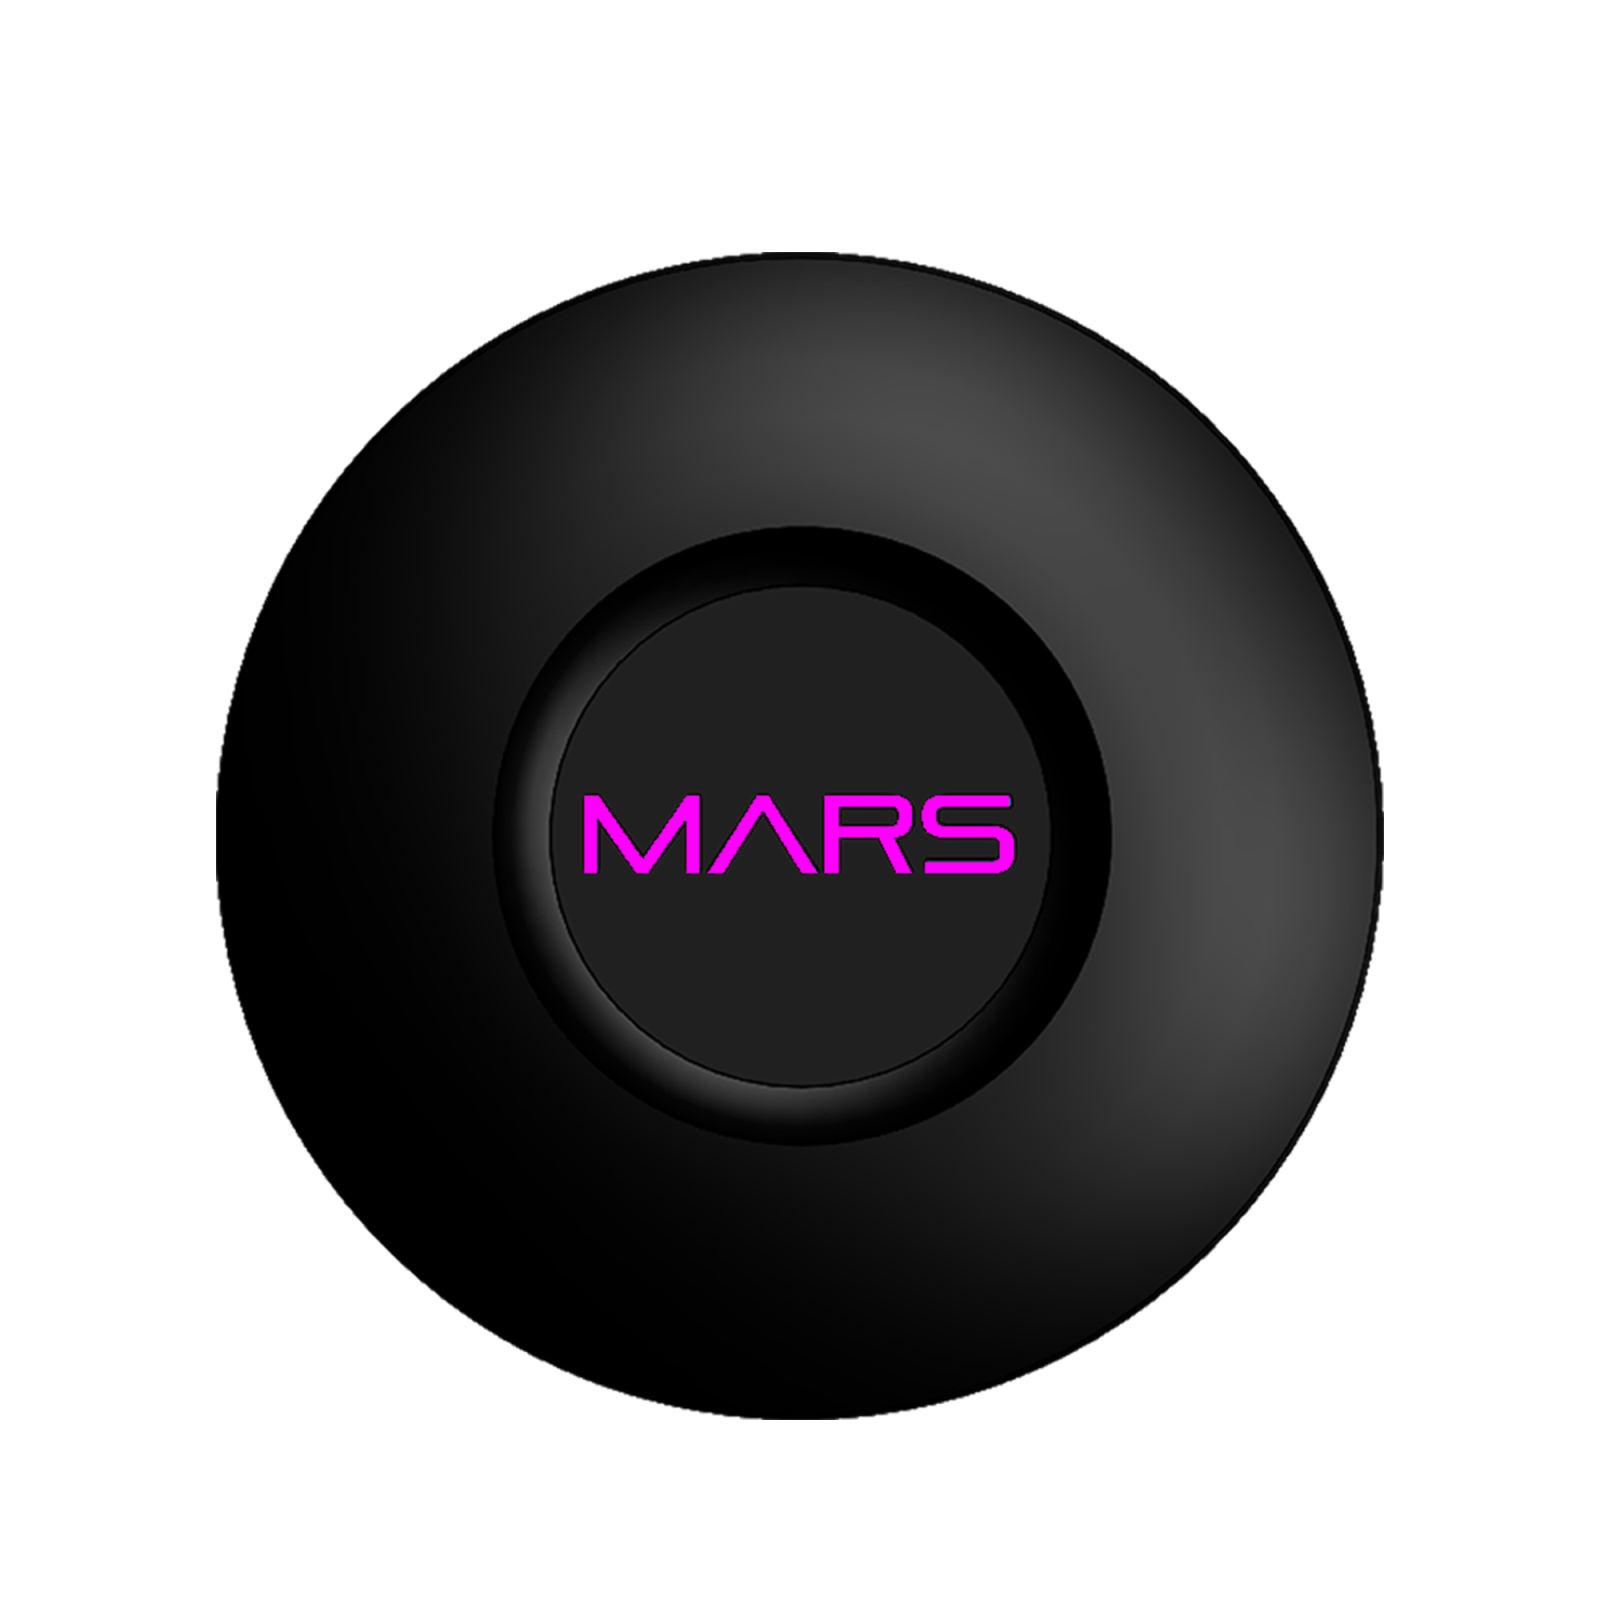 کنترلر آبیاری مارس مدل Garc8